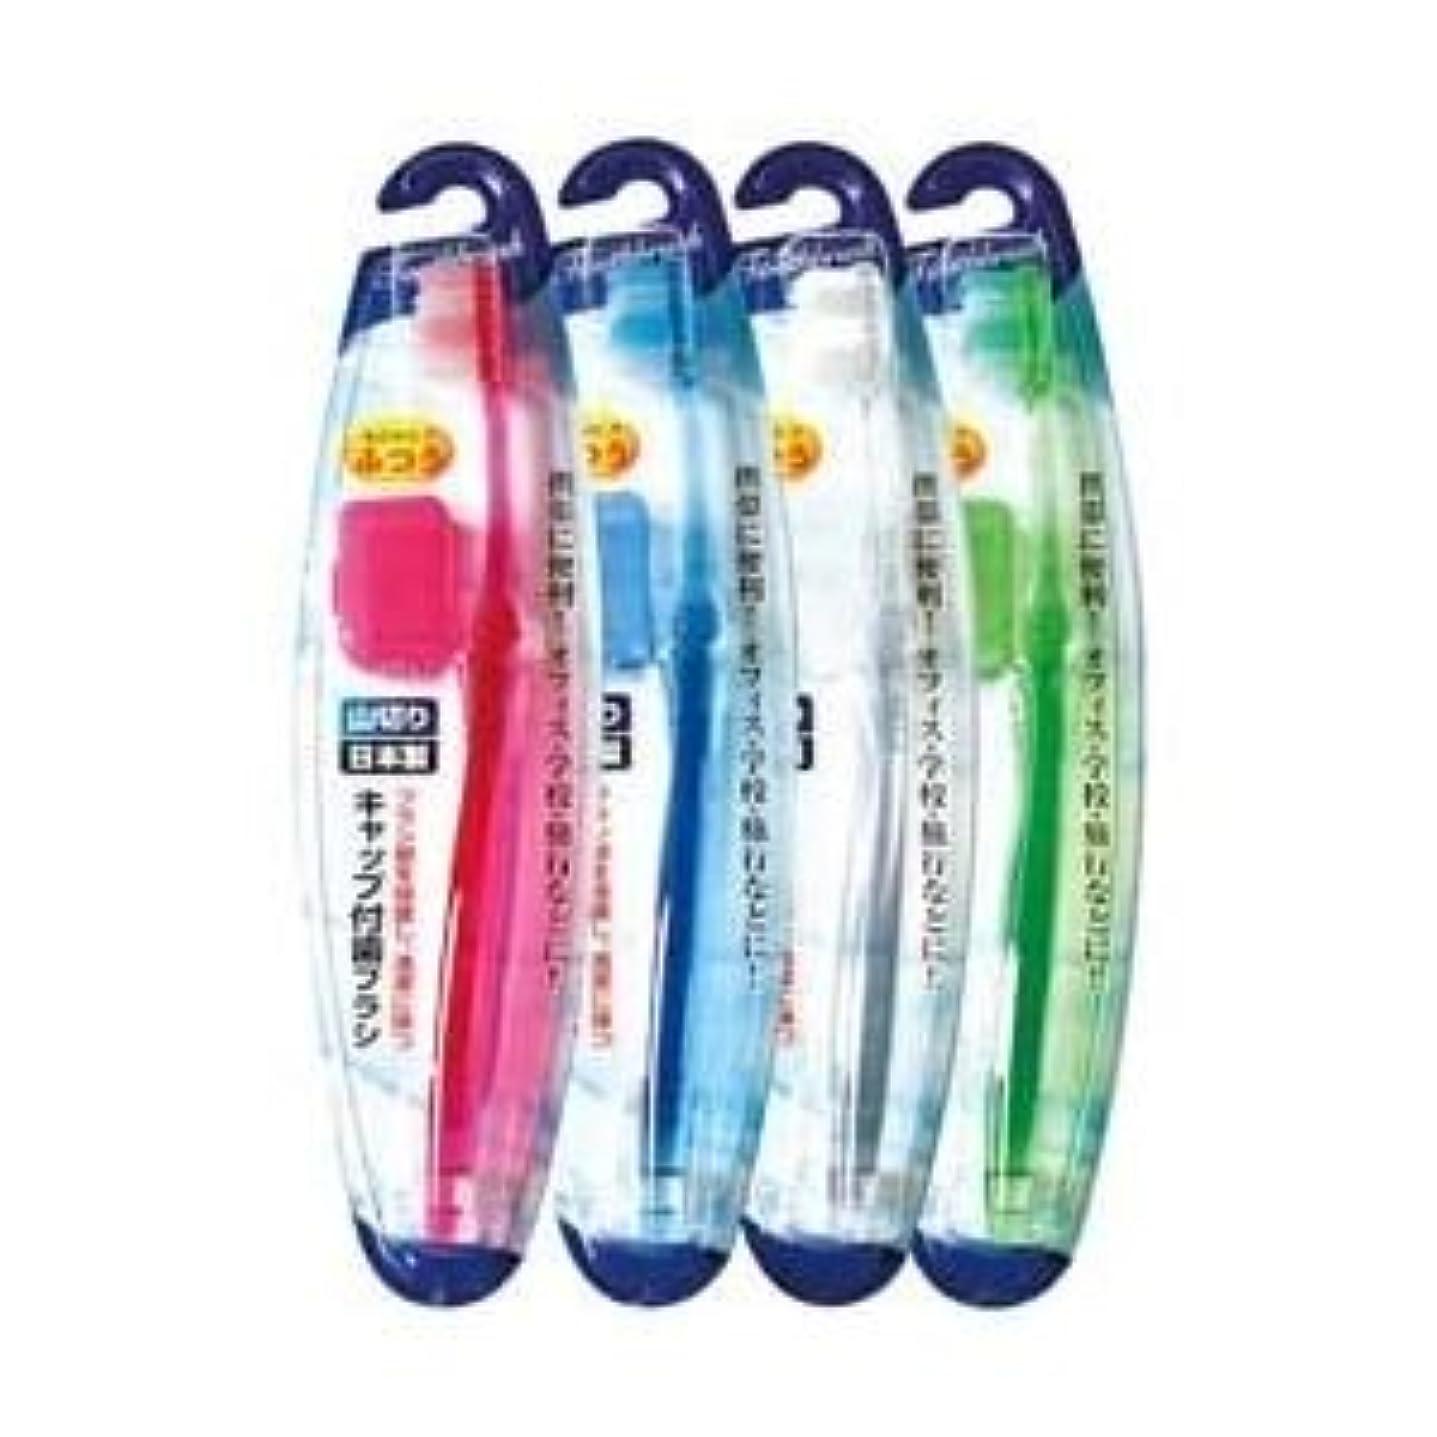 司令官上昇フィードバック健康用品 キャップ付歯ブラシ山切りカット(ふつう)日本製 【12個セット】 41-209